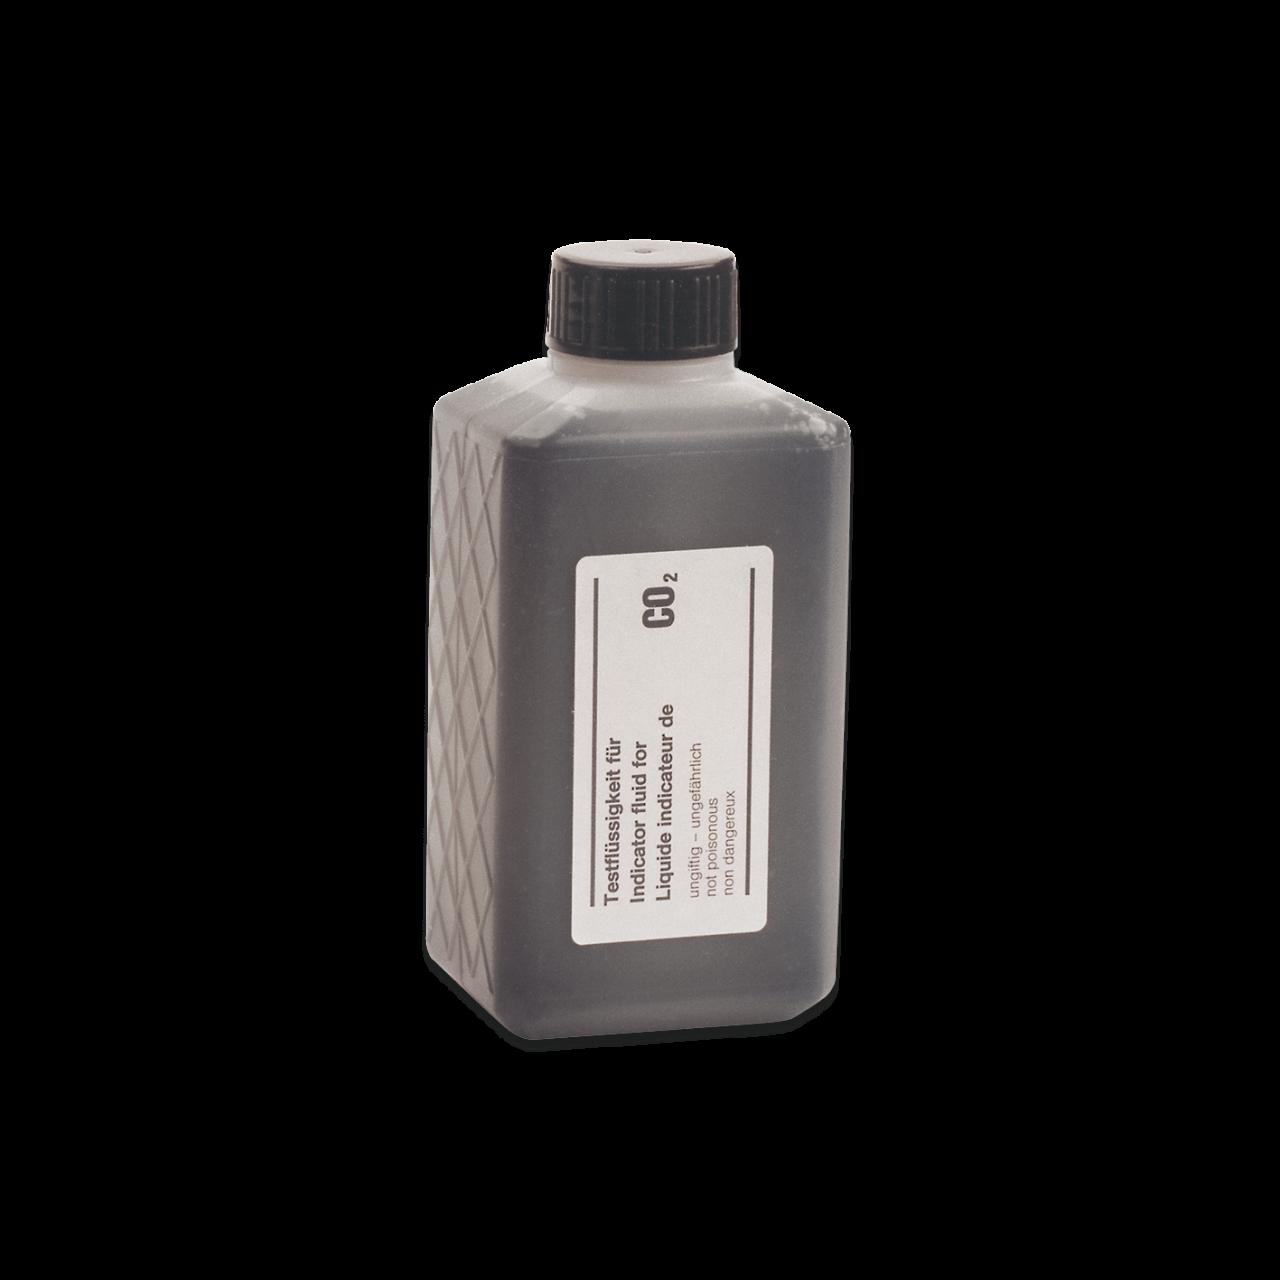 Zylinderkopf-Dichtigkeits-Prüfgerät Bild 2